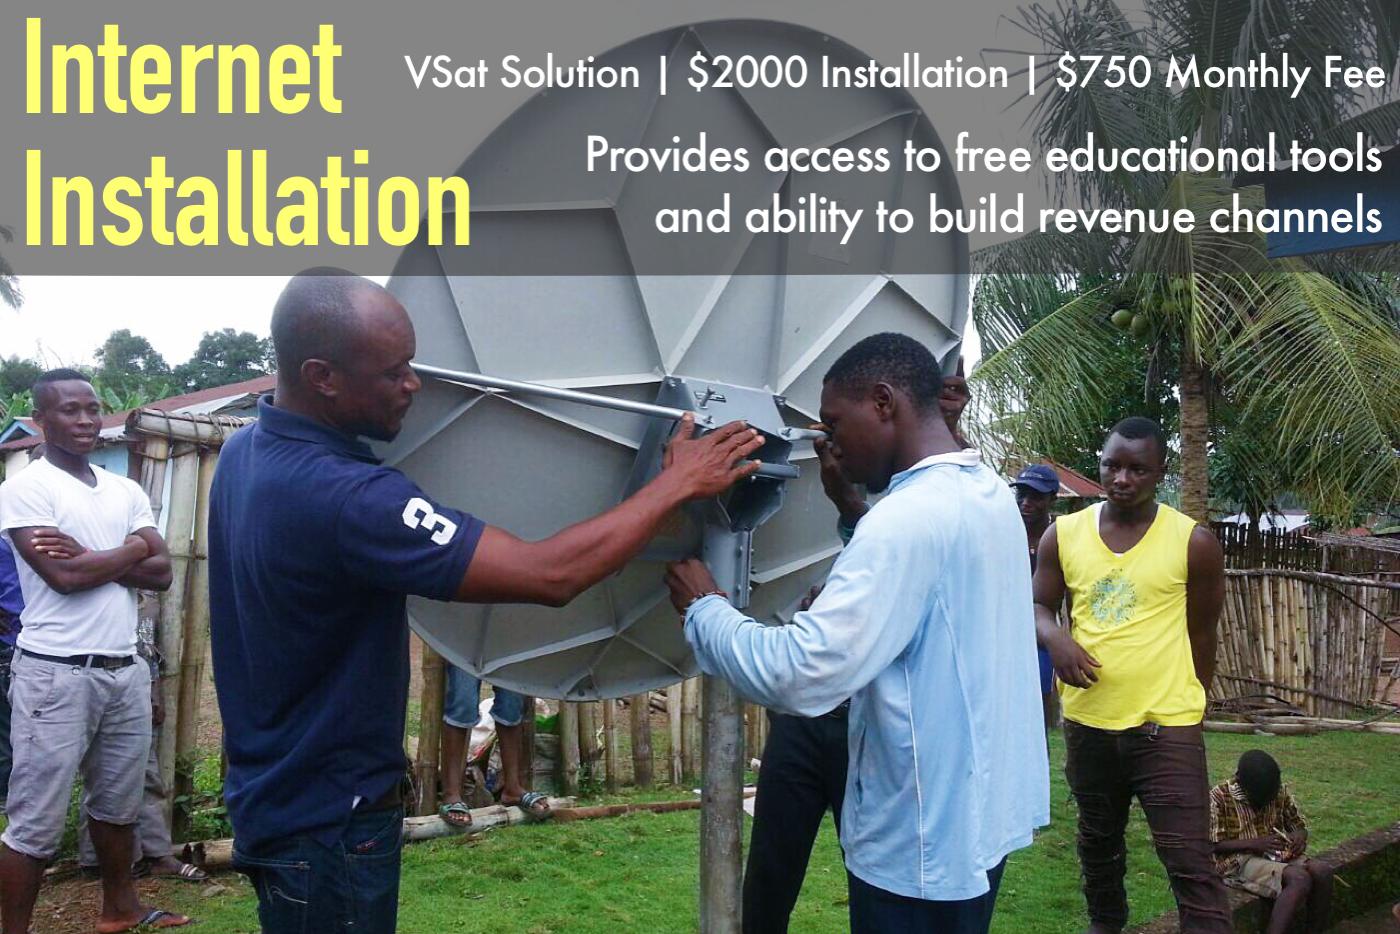 Rural Internet Installation in September 2016.